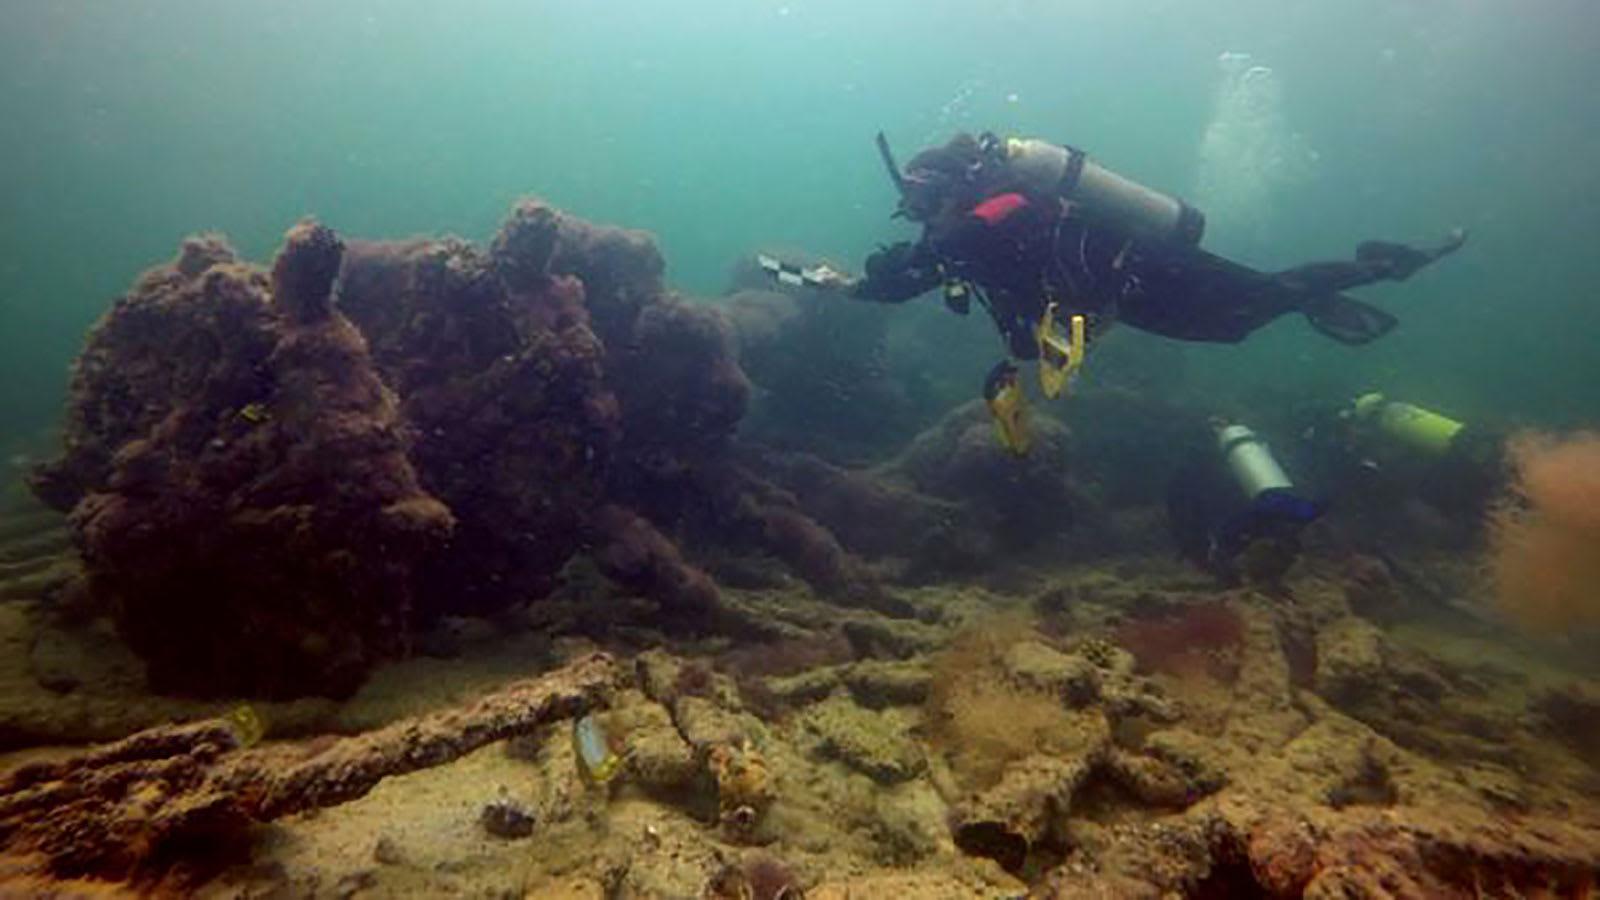 اكتشاف حطام أول سفينة على الإطلاق نقلت عبيدا من شعب المايا